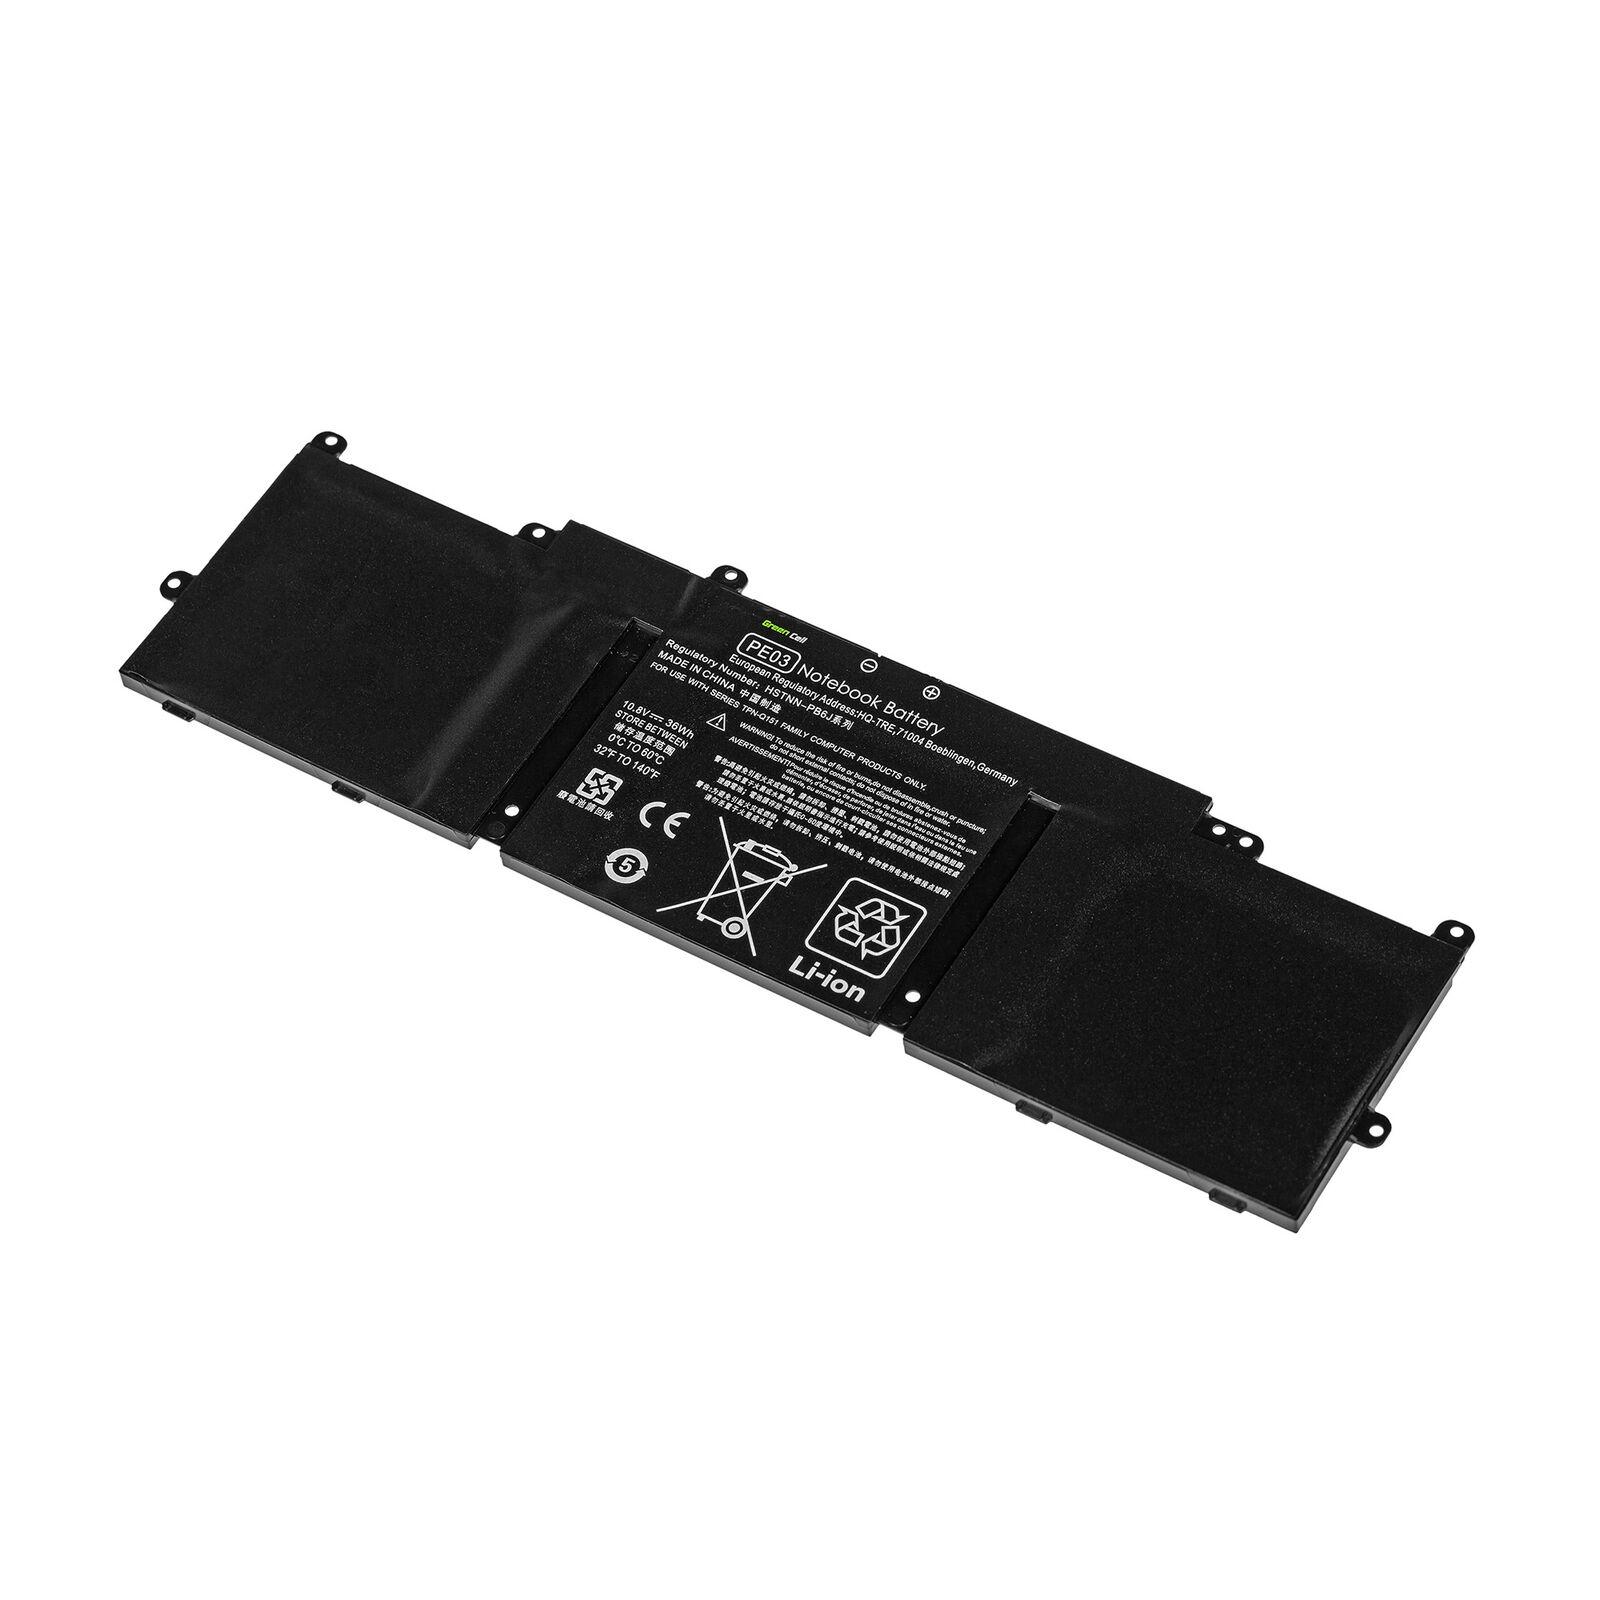 Akku für HP Chromebook 11 G3 G4 11-2100 11-2200 PE03 PE03XL HSTNN-LB6M TPN-Q151(Ersatz)